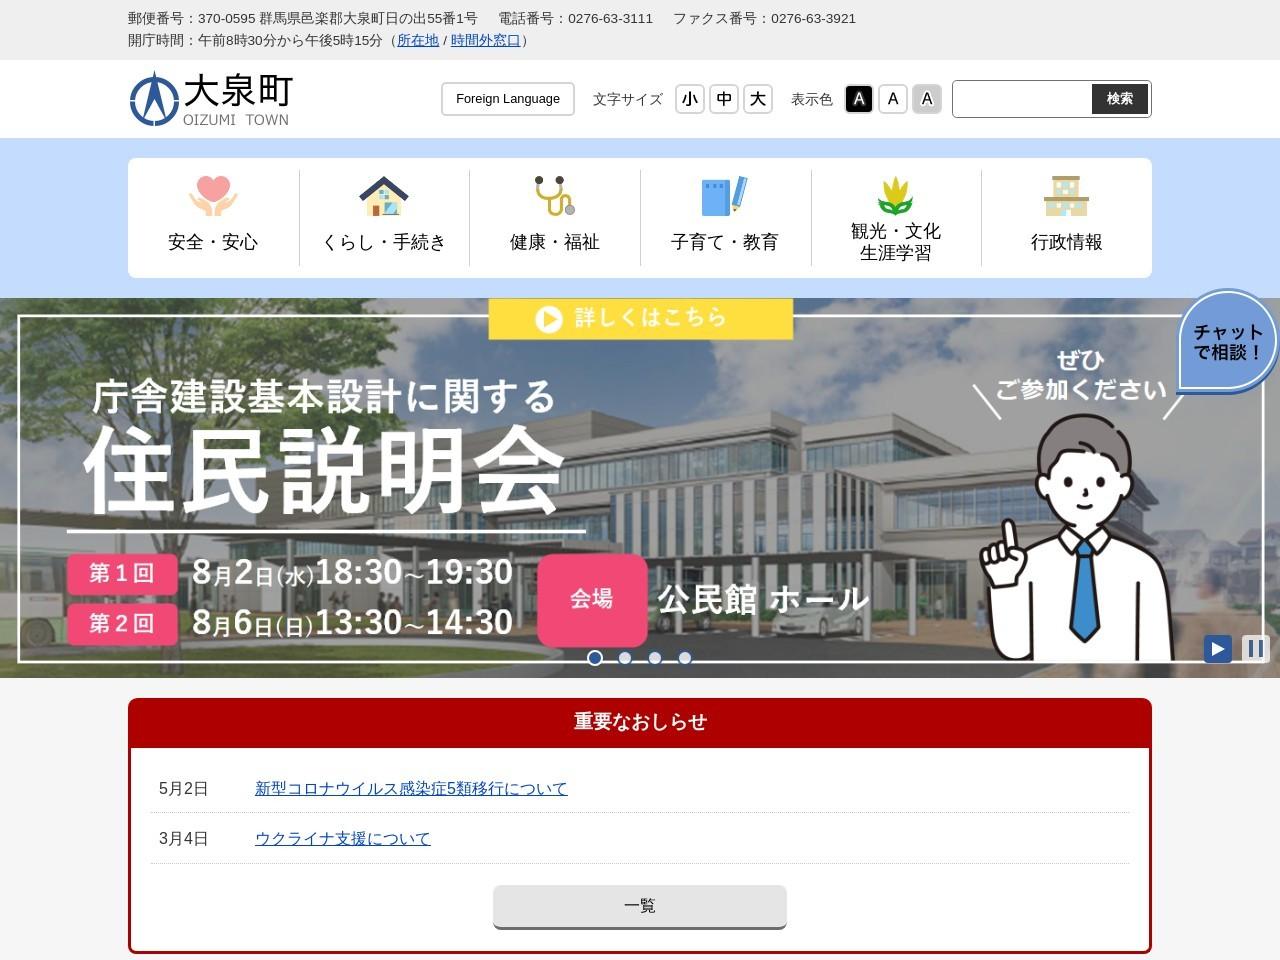 大泉町ホームページ